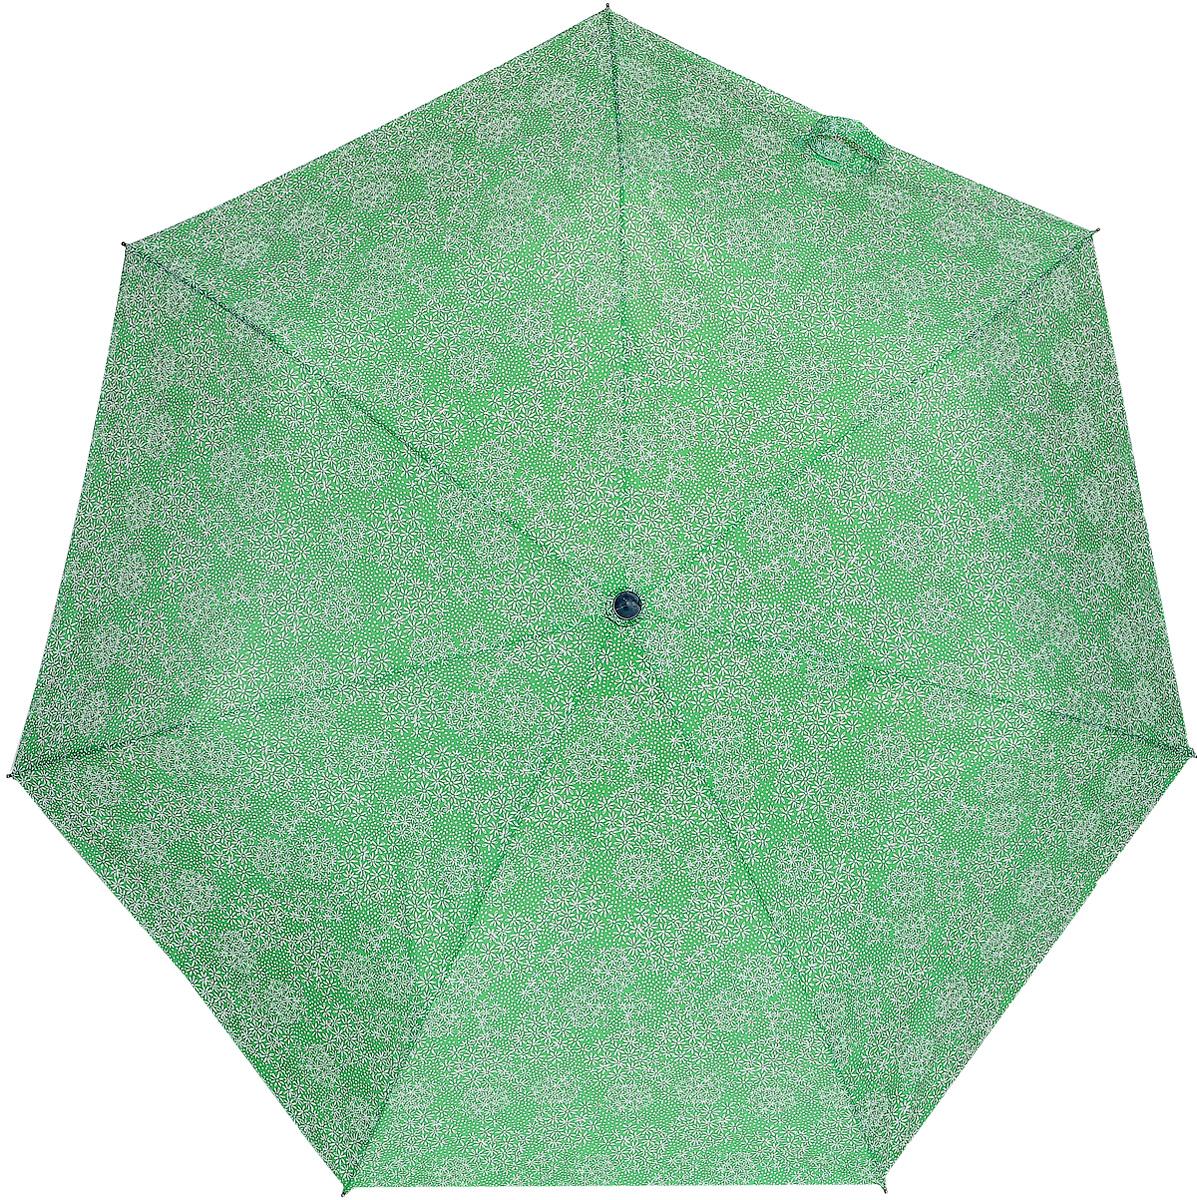 C-Collection 534-5 Зонт полный автом. 3 сл. жен.534-5Зонт испанского производителя Clima. В производстве зонтов используются современные материалы, что делает зонты легкими, но в то же время крепкими.Полный автомат, 3 сложения, 7 спиц, полиэстер.